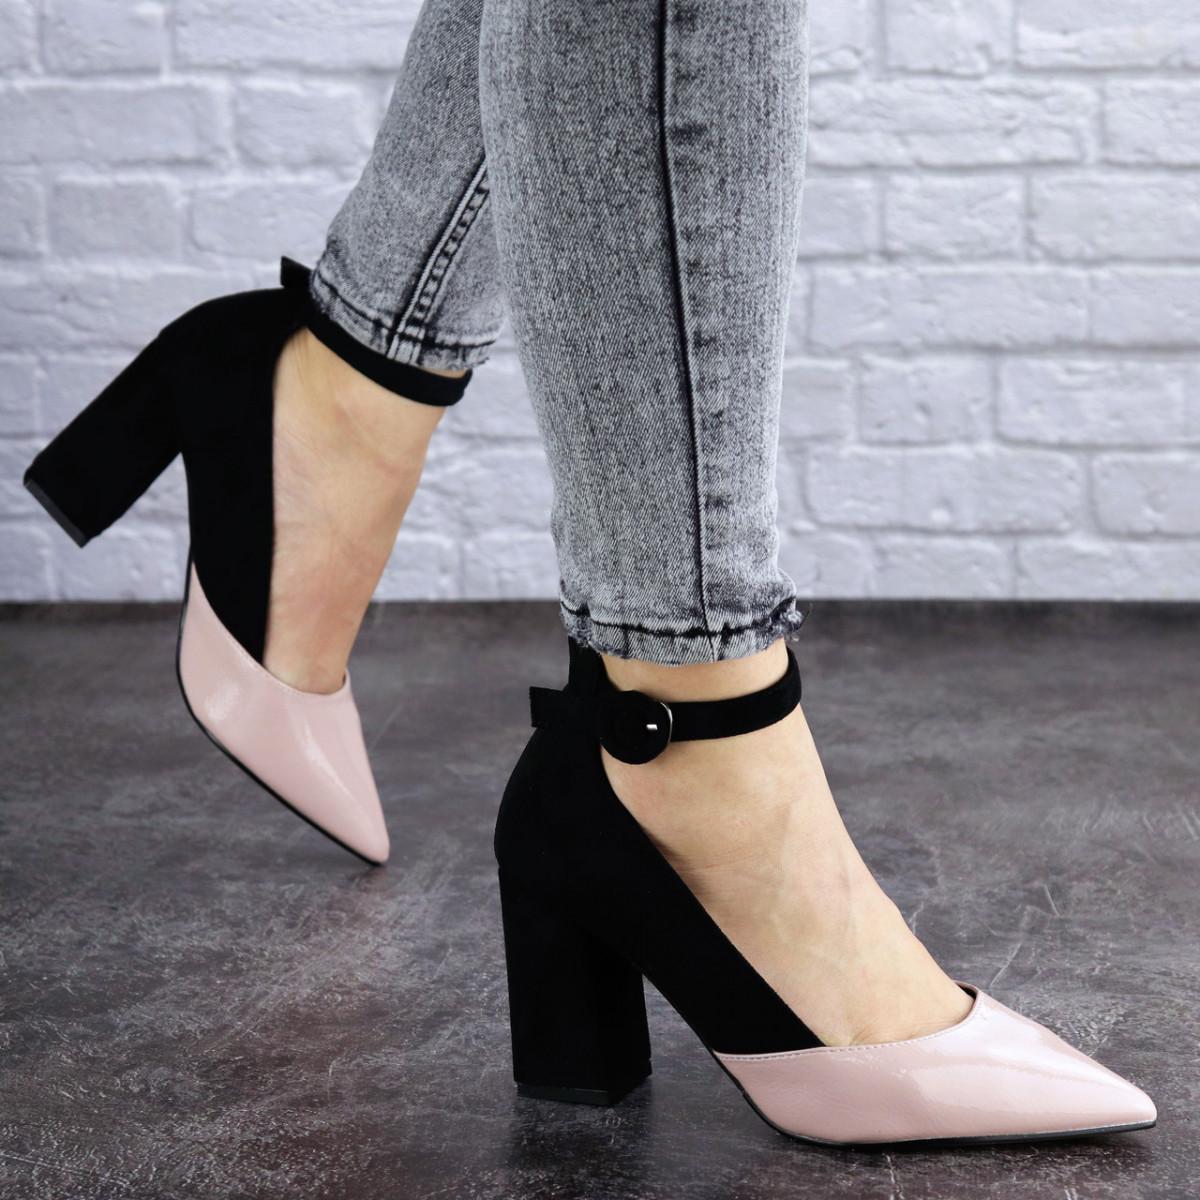 Женские туфли на каблуке розовые с черным Tex 2029 (37 размер)